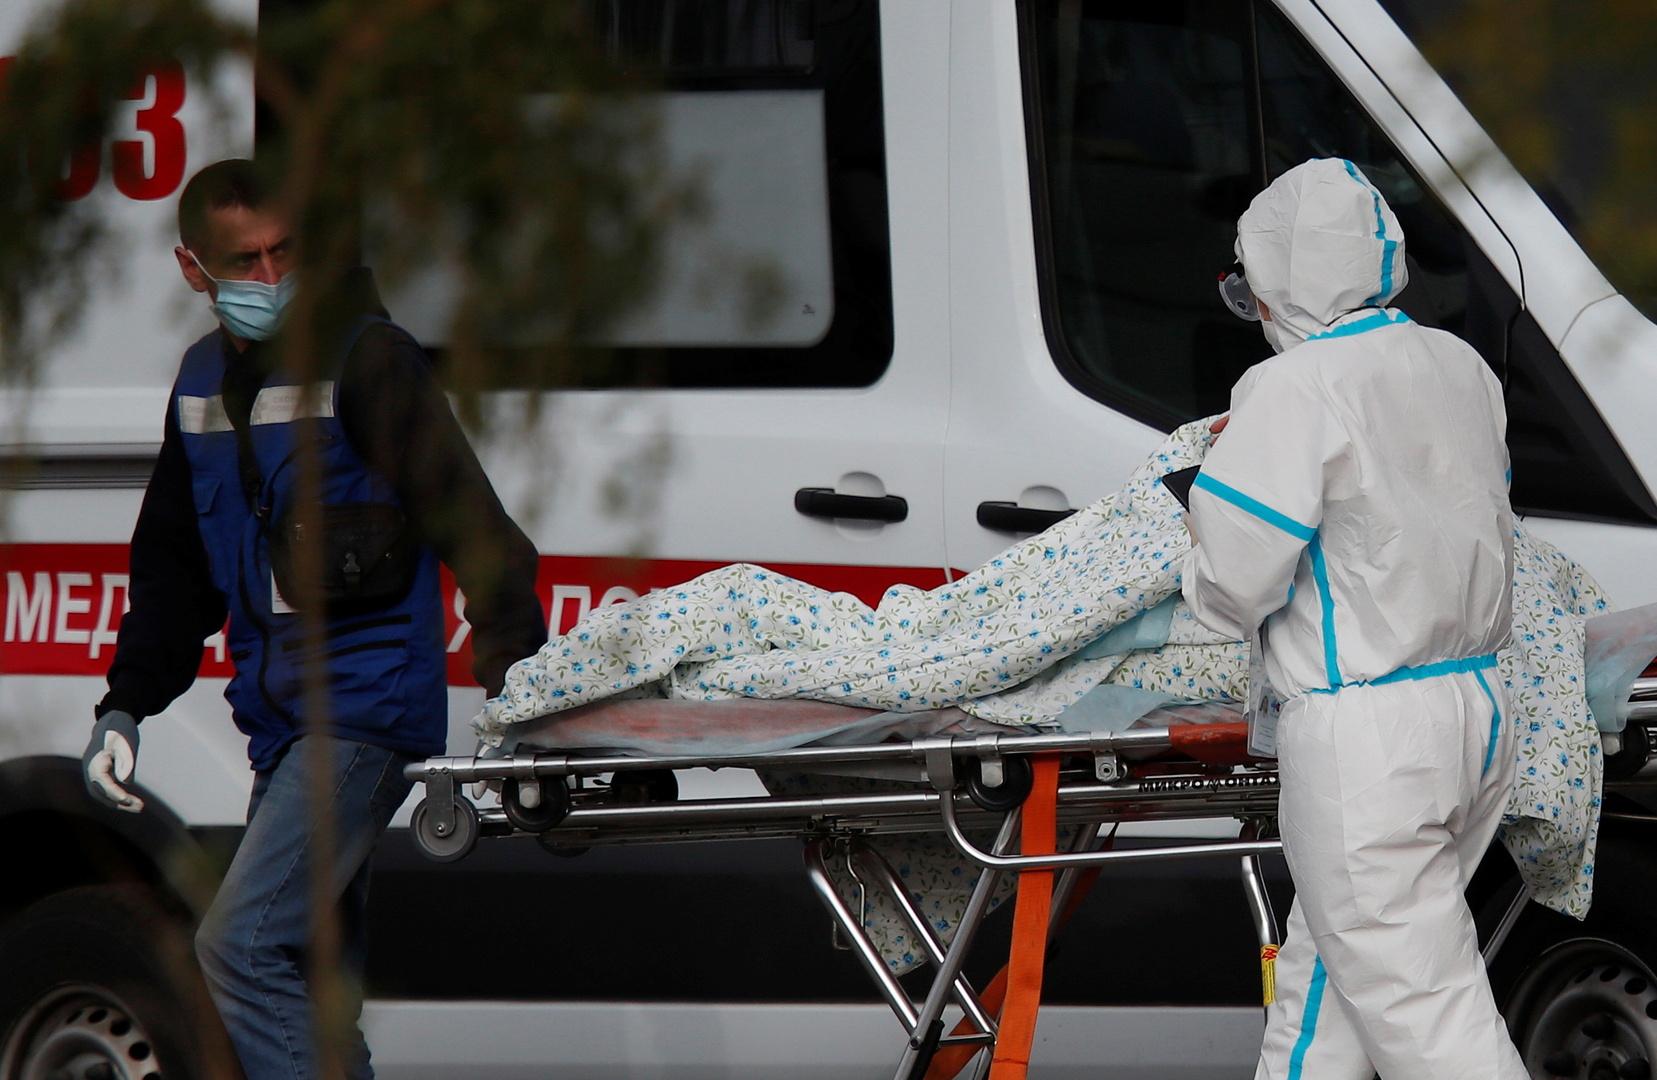 روسيا.. 506 وفيات و23541 إصابة بفيروس كورونا خلال الساعات الـ24 الماضية